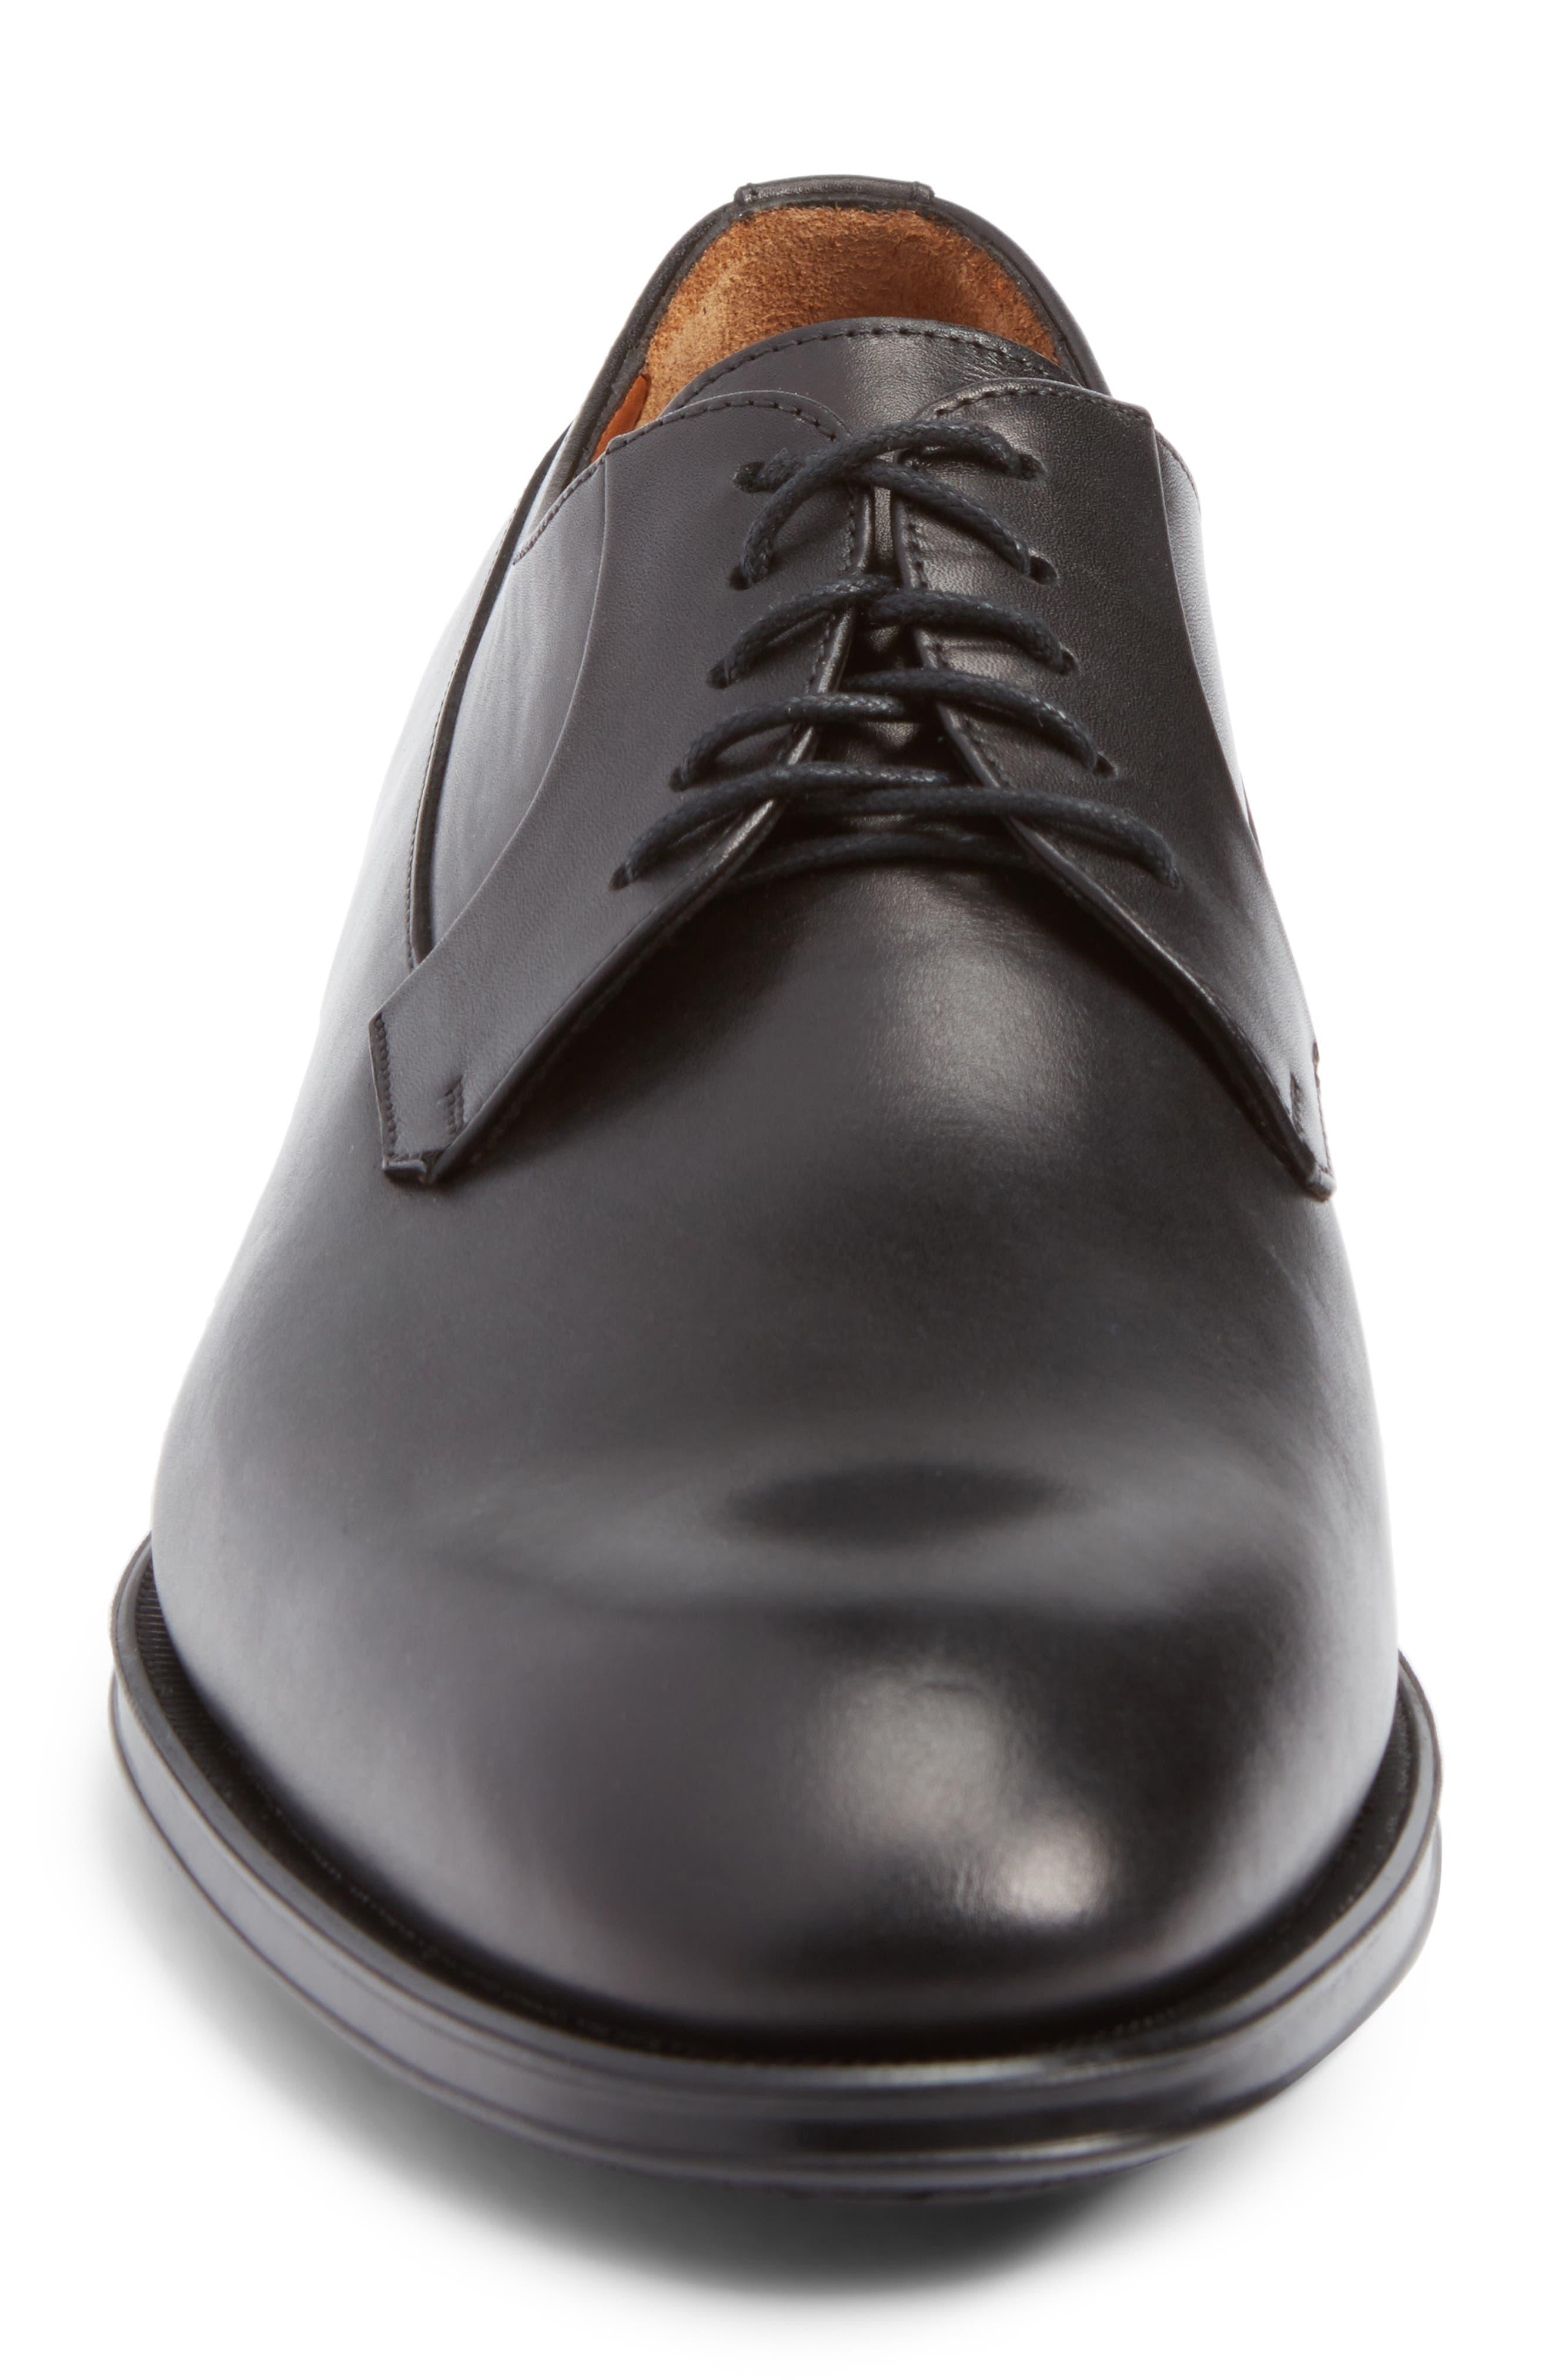 Decker Plain Toe Derby,                             Alternate thumbnail 4, color,                             001